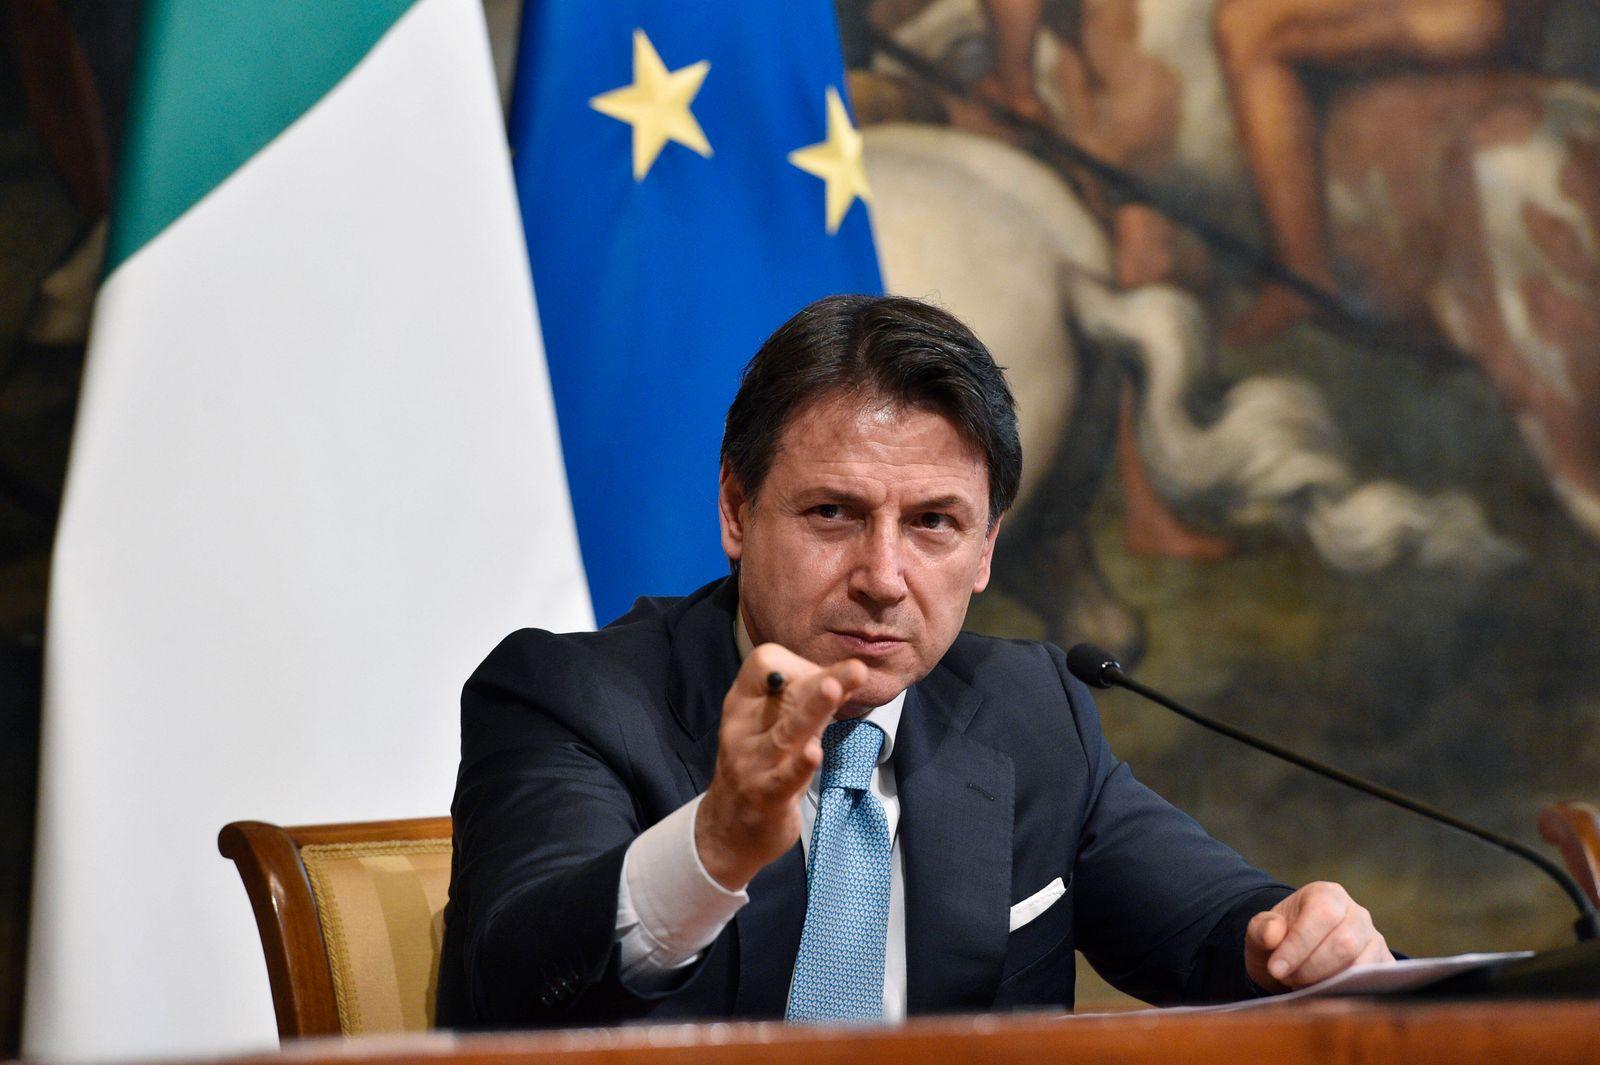 News Themen der Woche KW28 News Bilder des Tages (200707) -- ROME, July 7, 2020 (Xinhua) -- Italian Prime Minister Gius